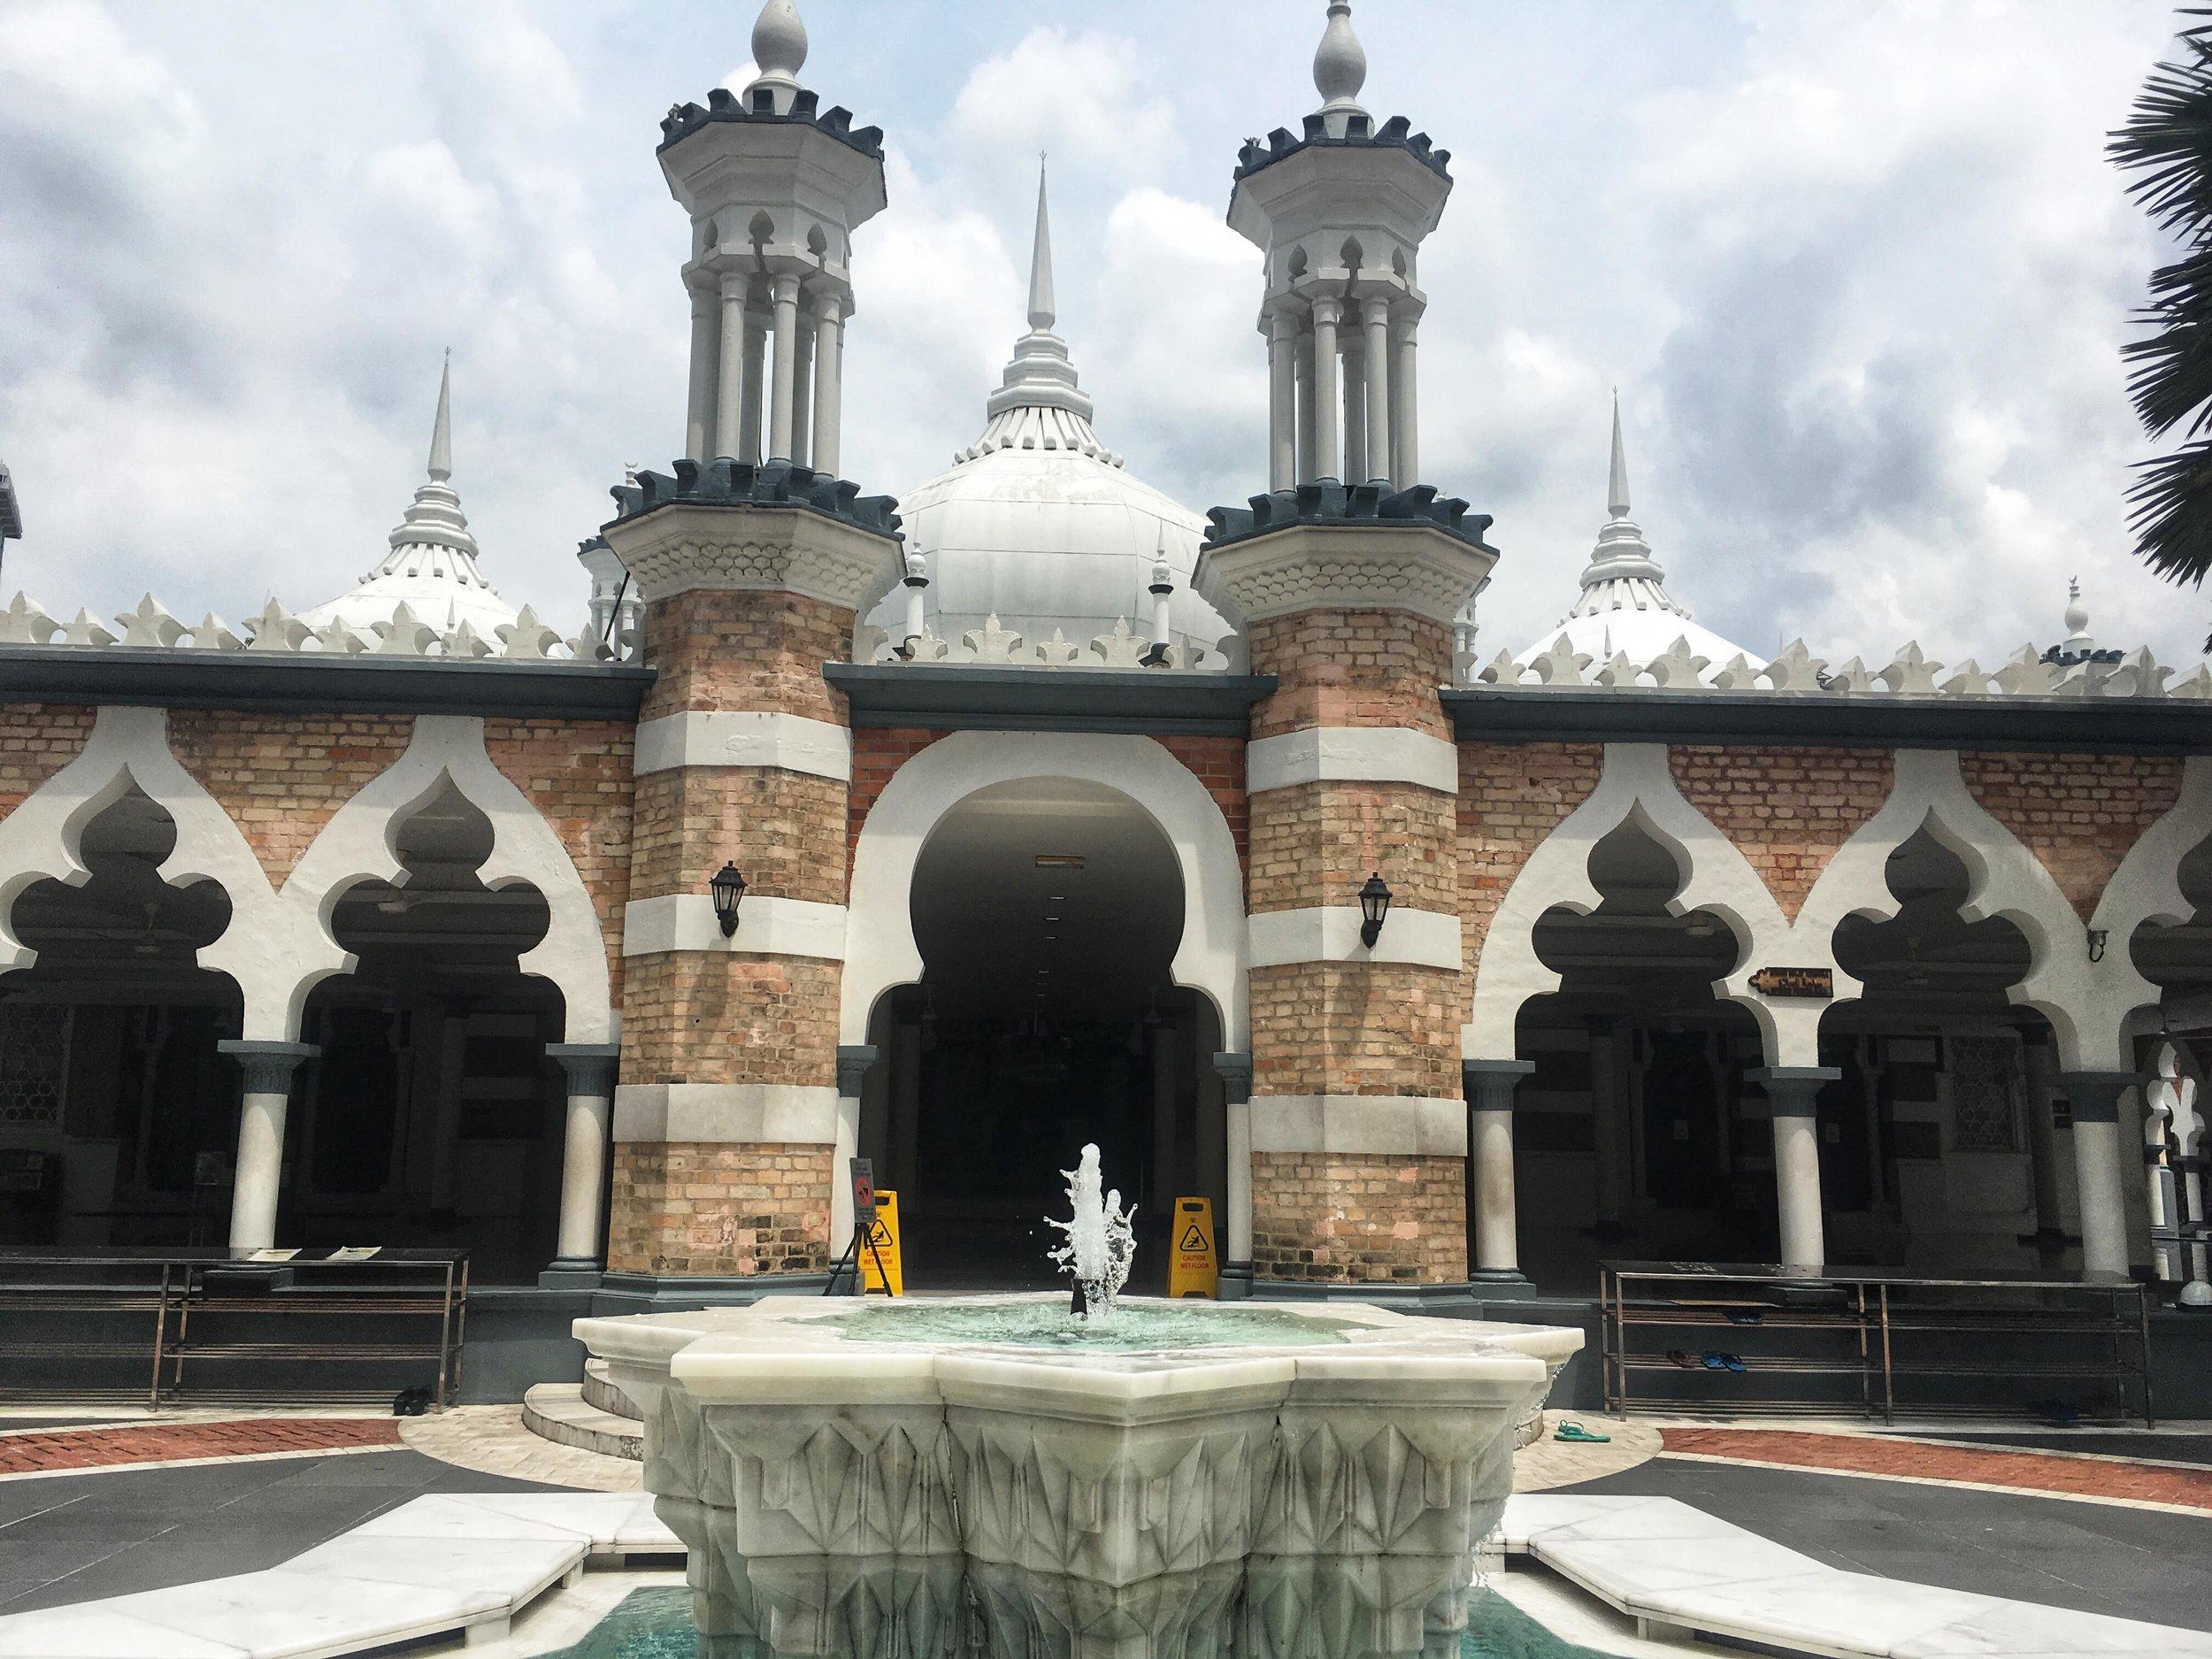 Masjid Jamek, Kuala Lumpur, Malaysia